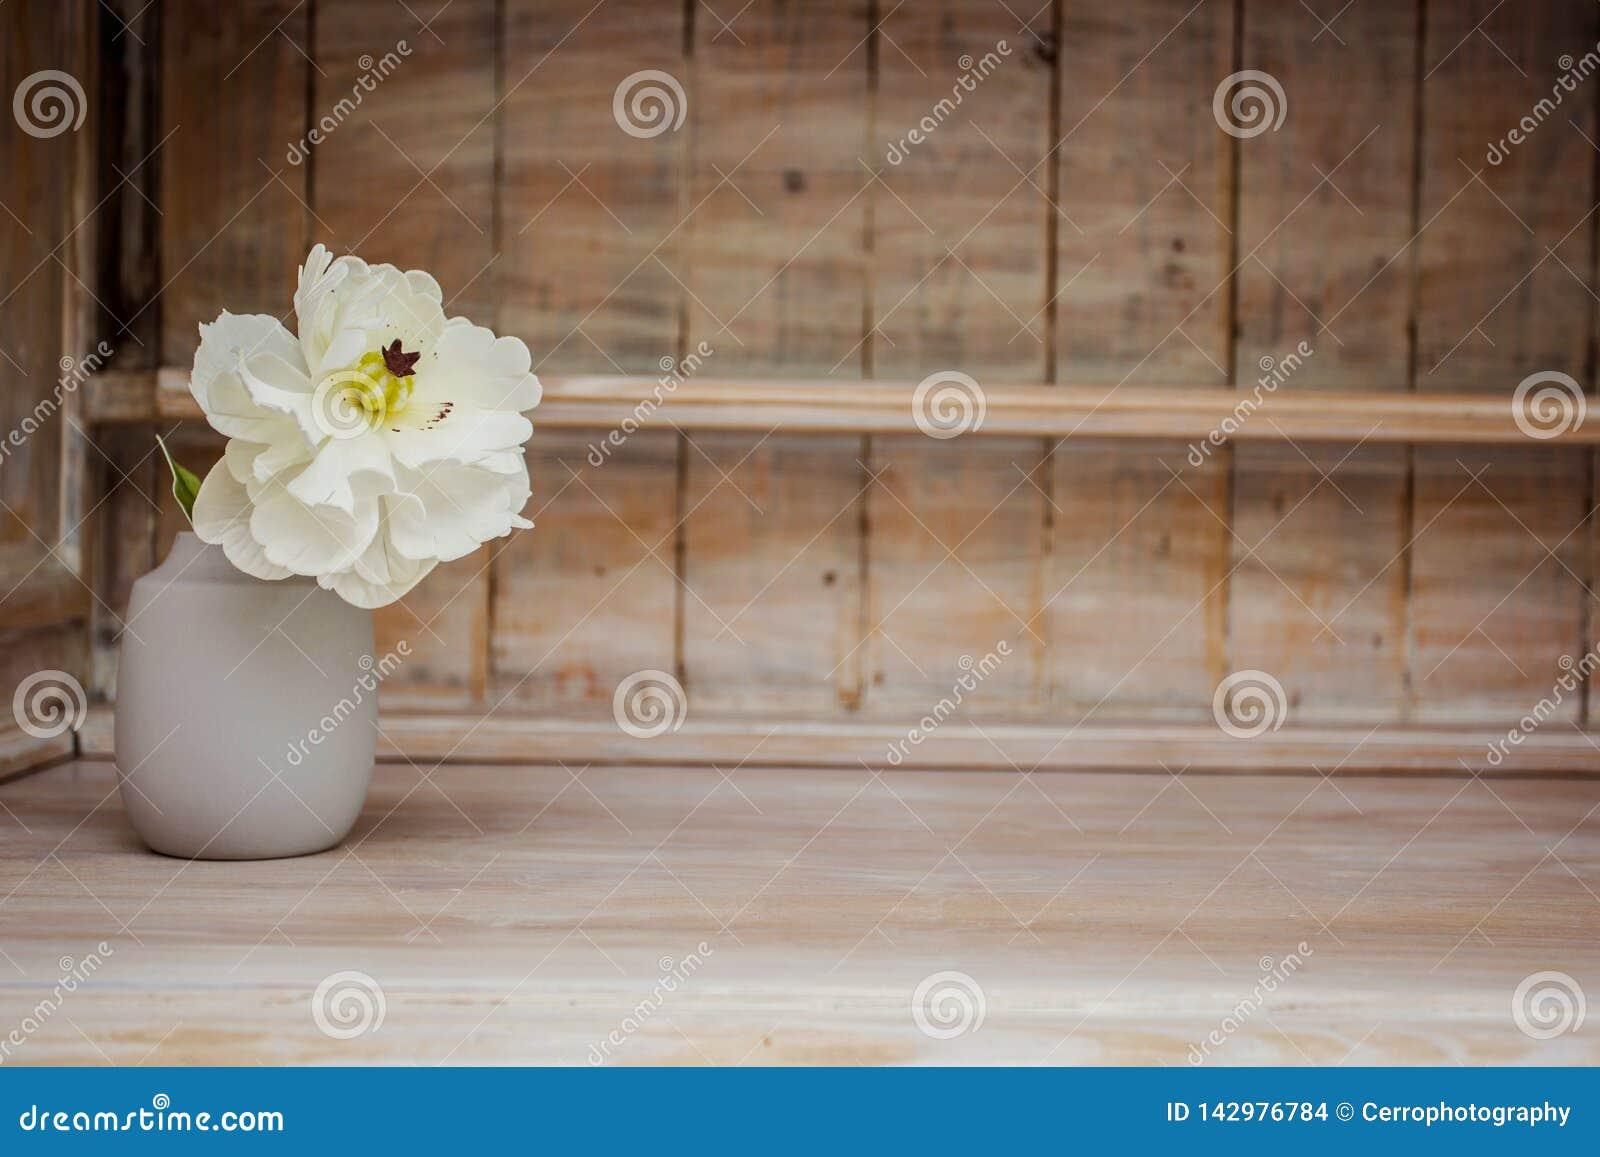 Decoración casera suave, florero con la pequeña flor blanca en un fondo de madera de la pared del vintage blanco y en un estante